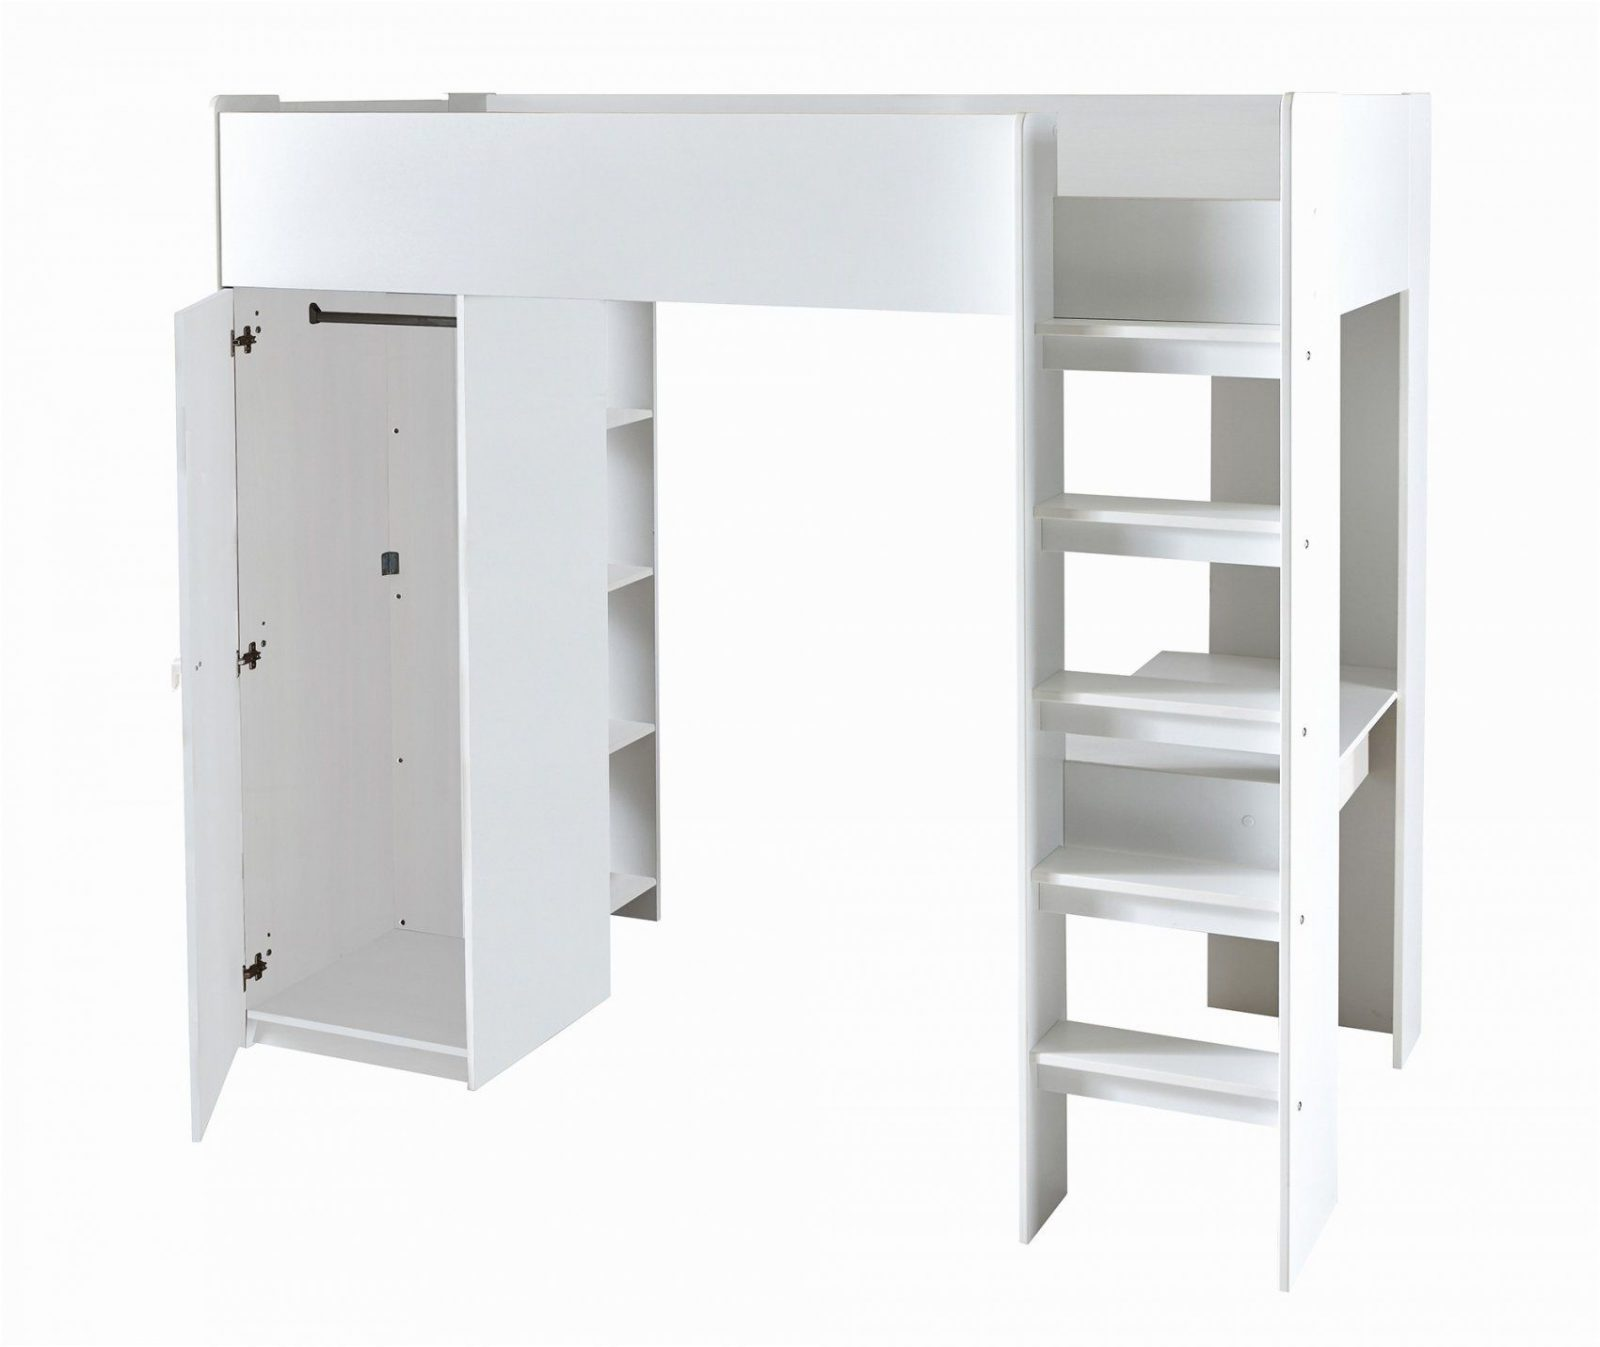 Oben Hochbett Mit Schreibtisch Hochbett Ikea Mit Schreibtisch Für von Ikea Hochbett Mit Schreibtisch Und Schrank Bild